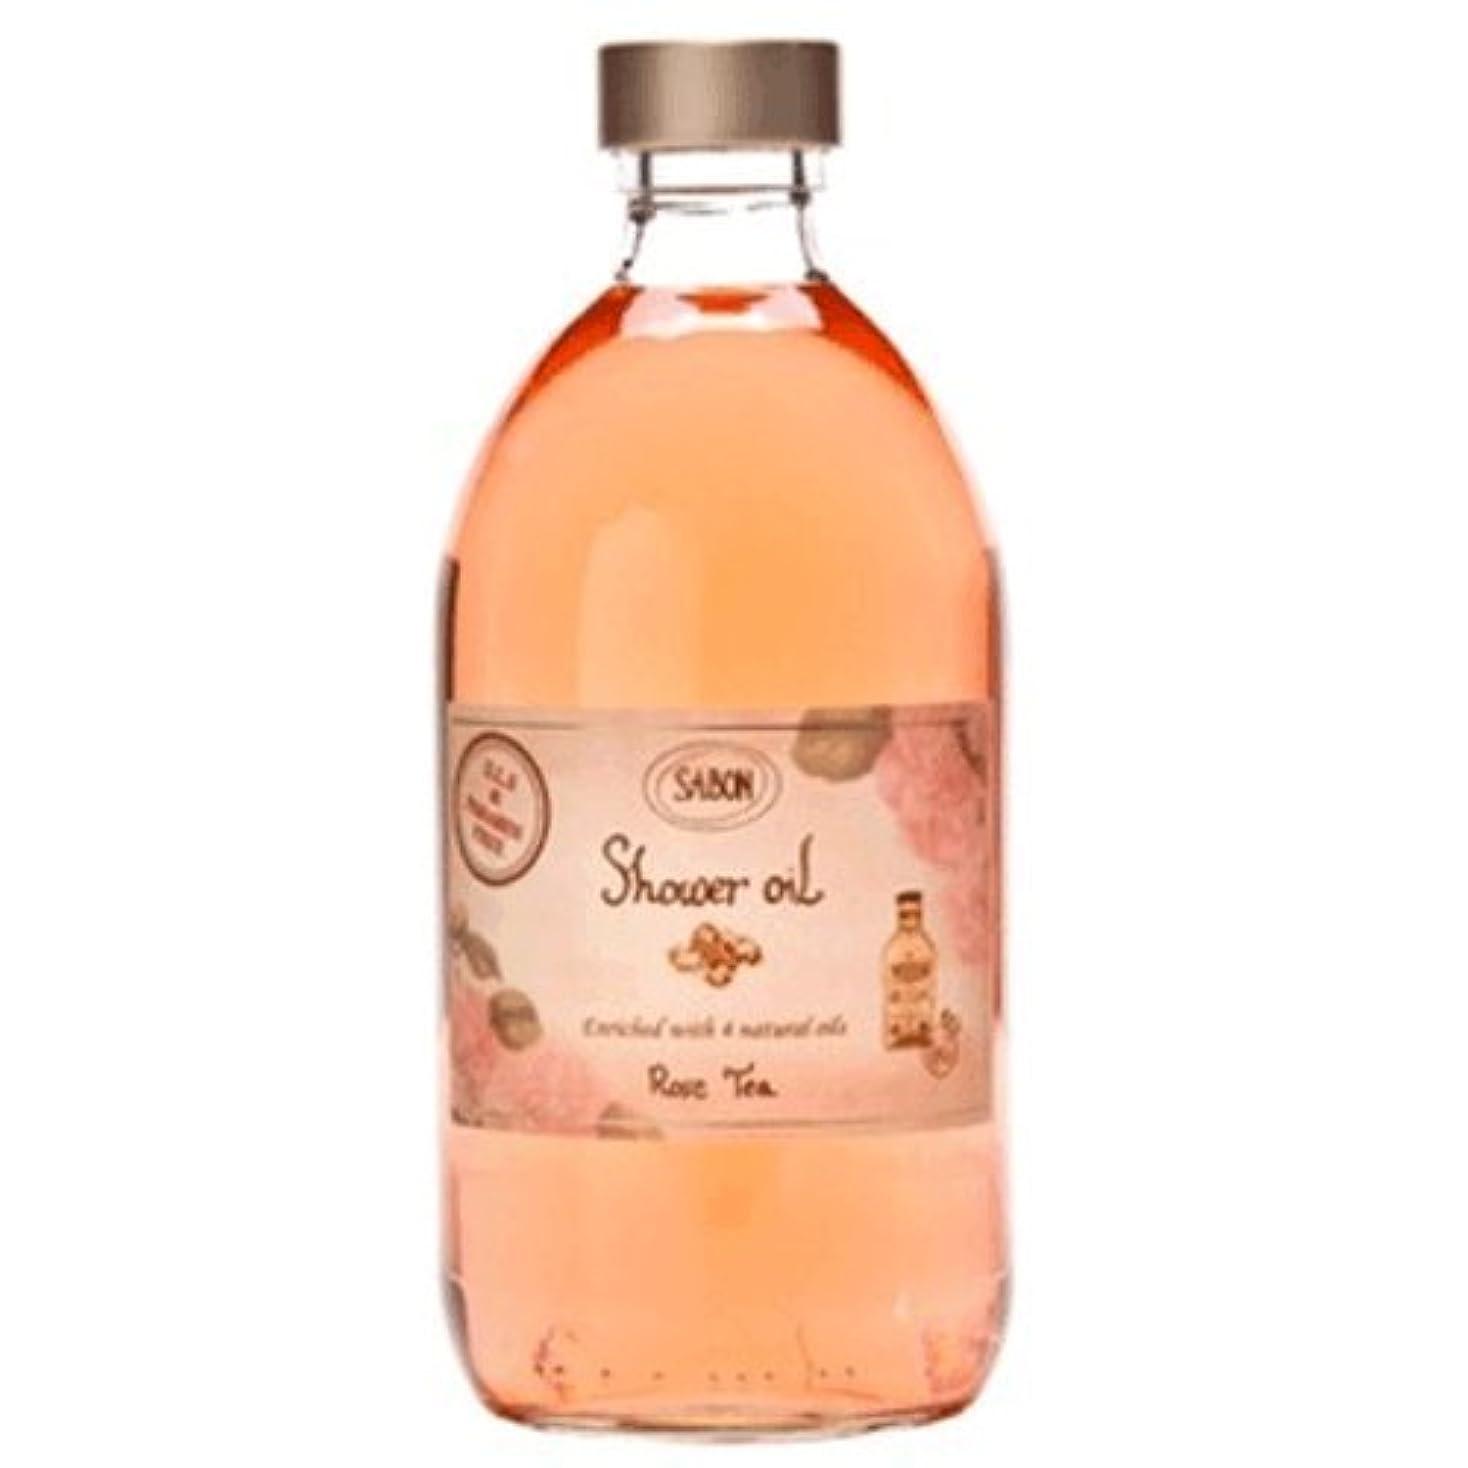 豚肉敬なあご【サボン】シャワーオイル ローズティー(Rose Tea) ポンプ付き 500ml